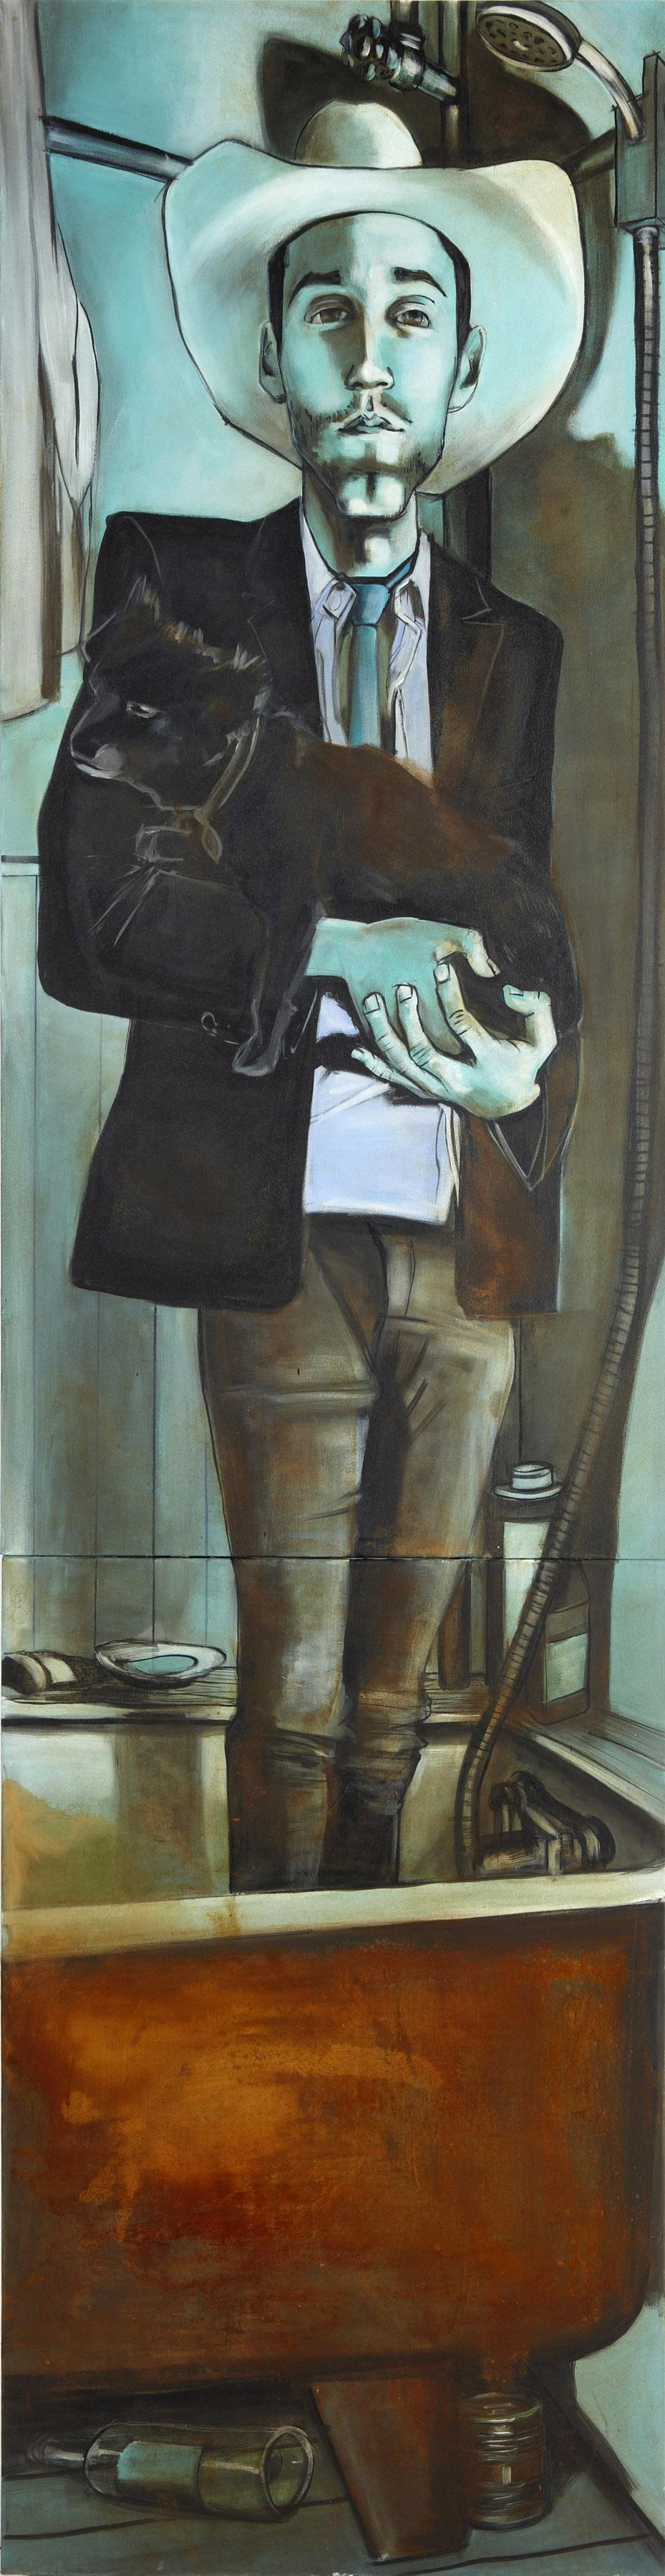 Bathtubcowboy, Kristian, 2' x 7.5'